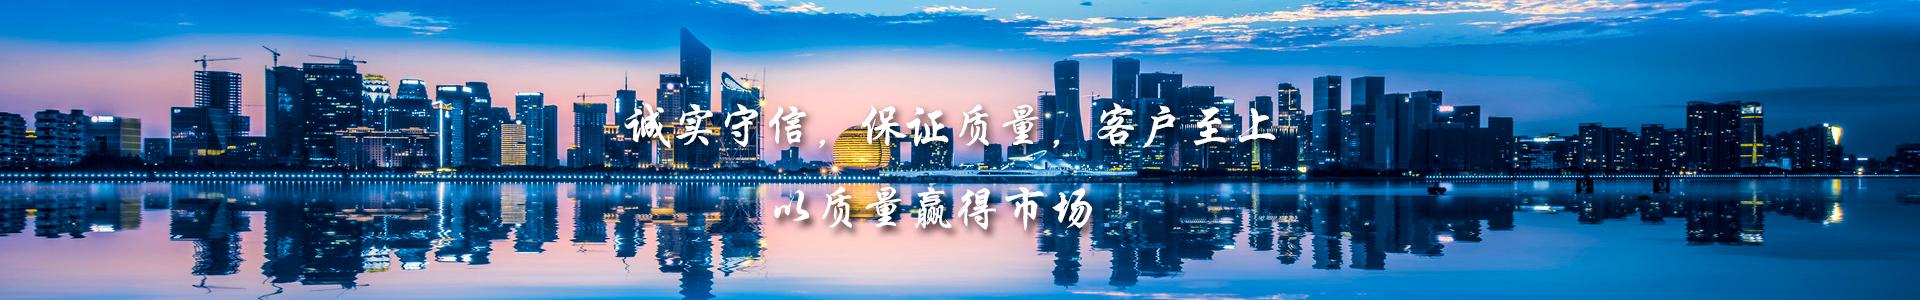 贵州电线电缆厂